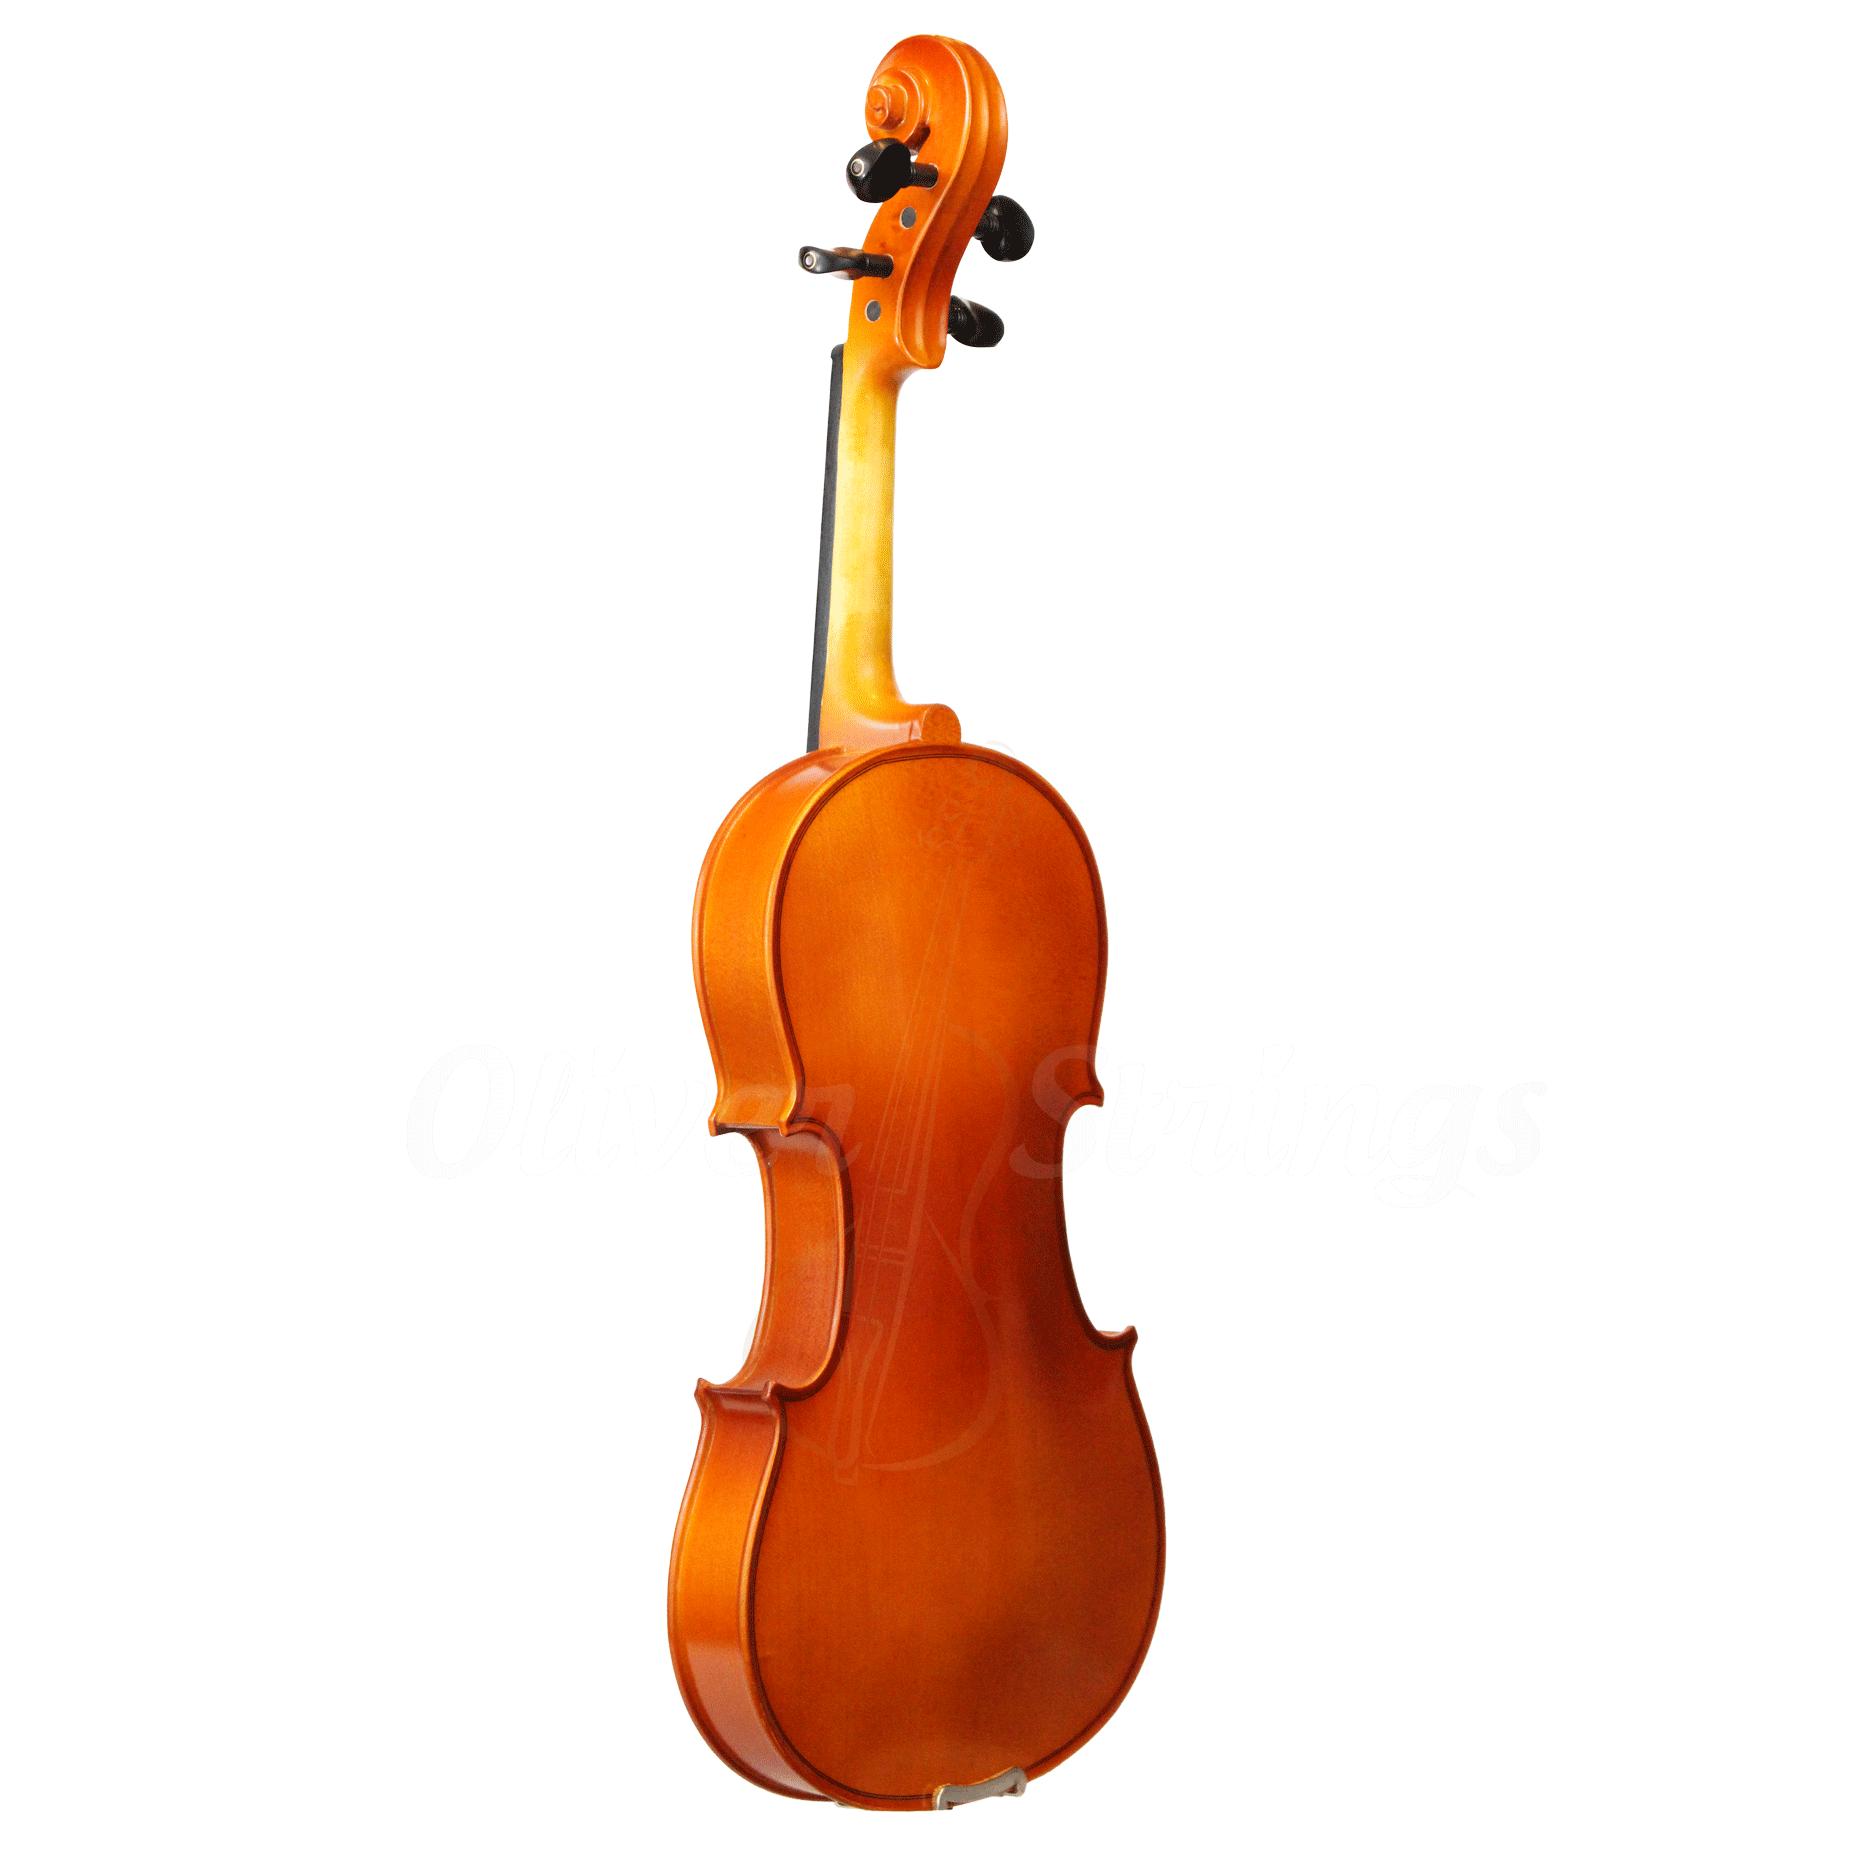 Violino Orquezz intermediário modelo strad 4/4